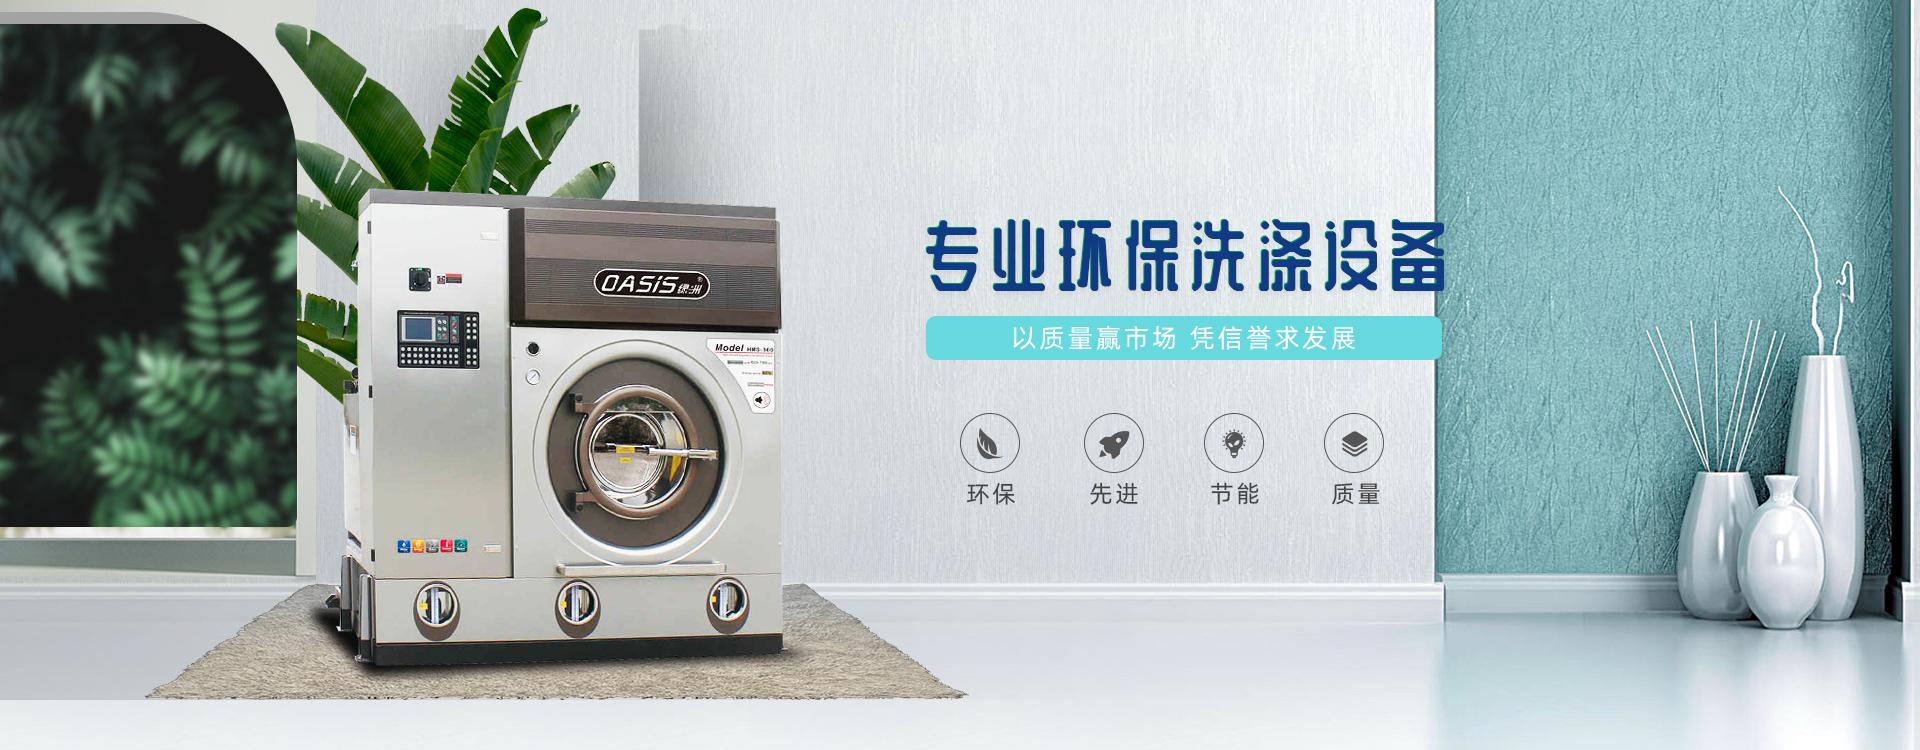 洗衣房洗滌設備醫用洗衣機